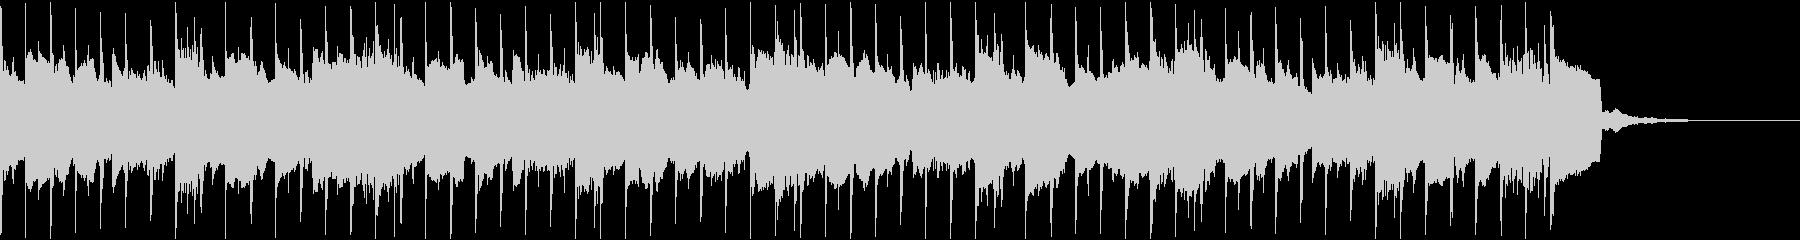 告知やCMなどに使えるポップなシンセの曲の未再生の波形